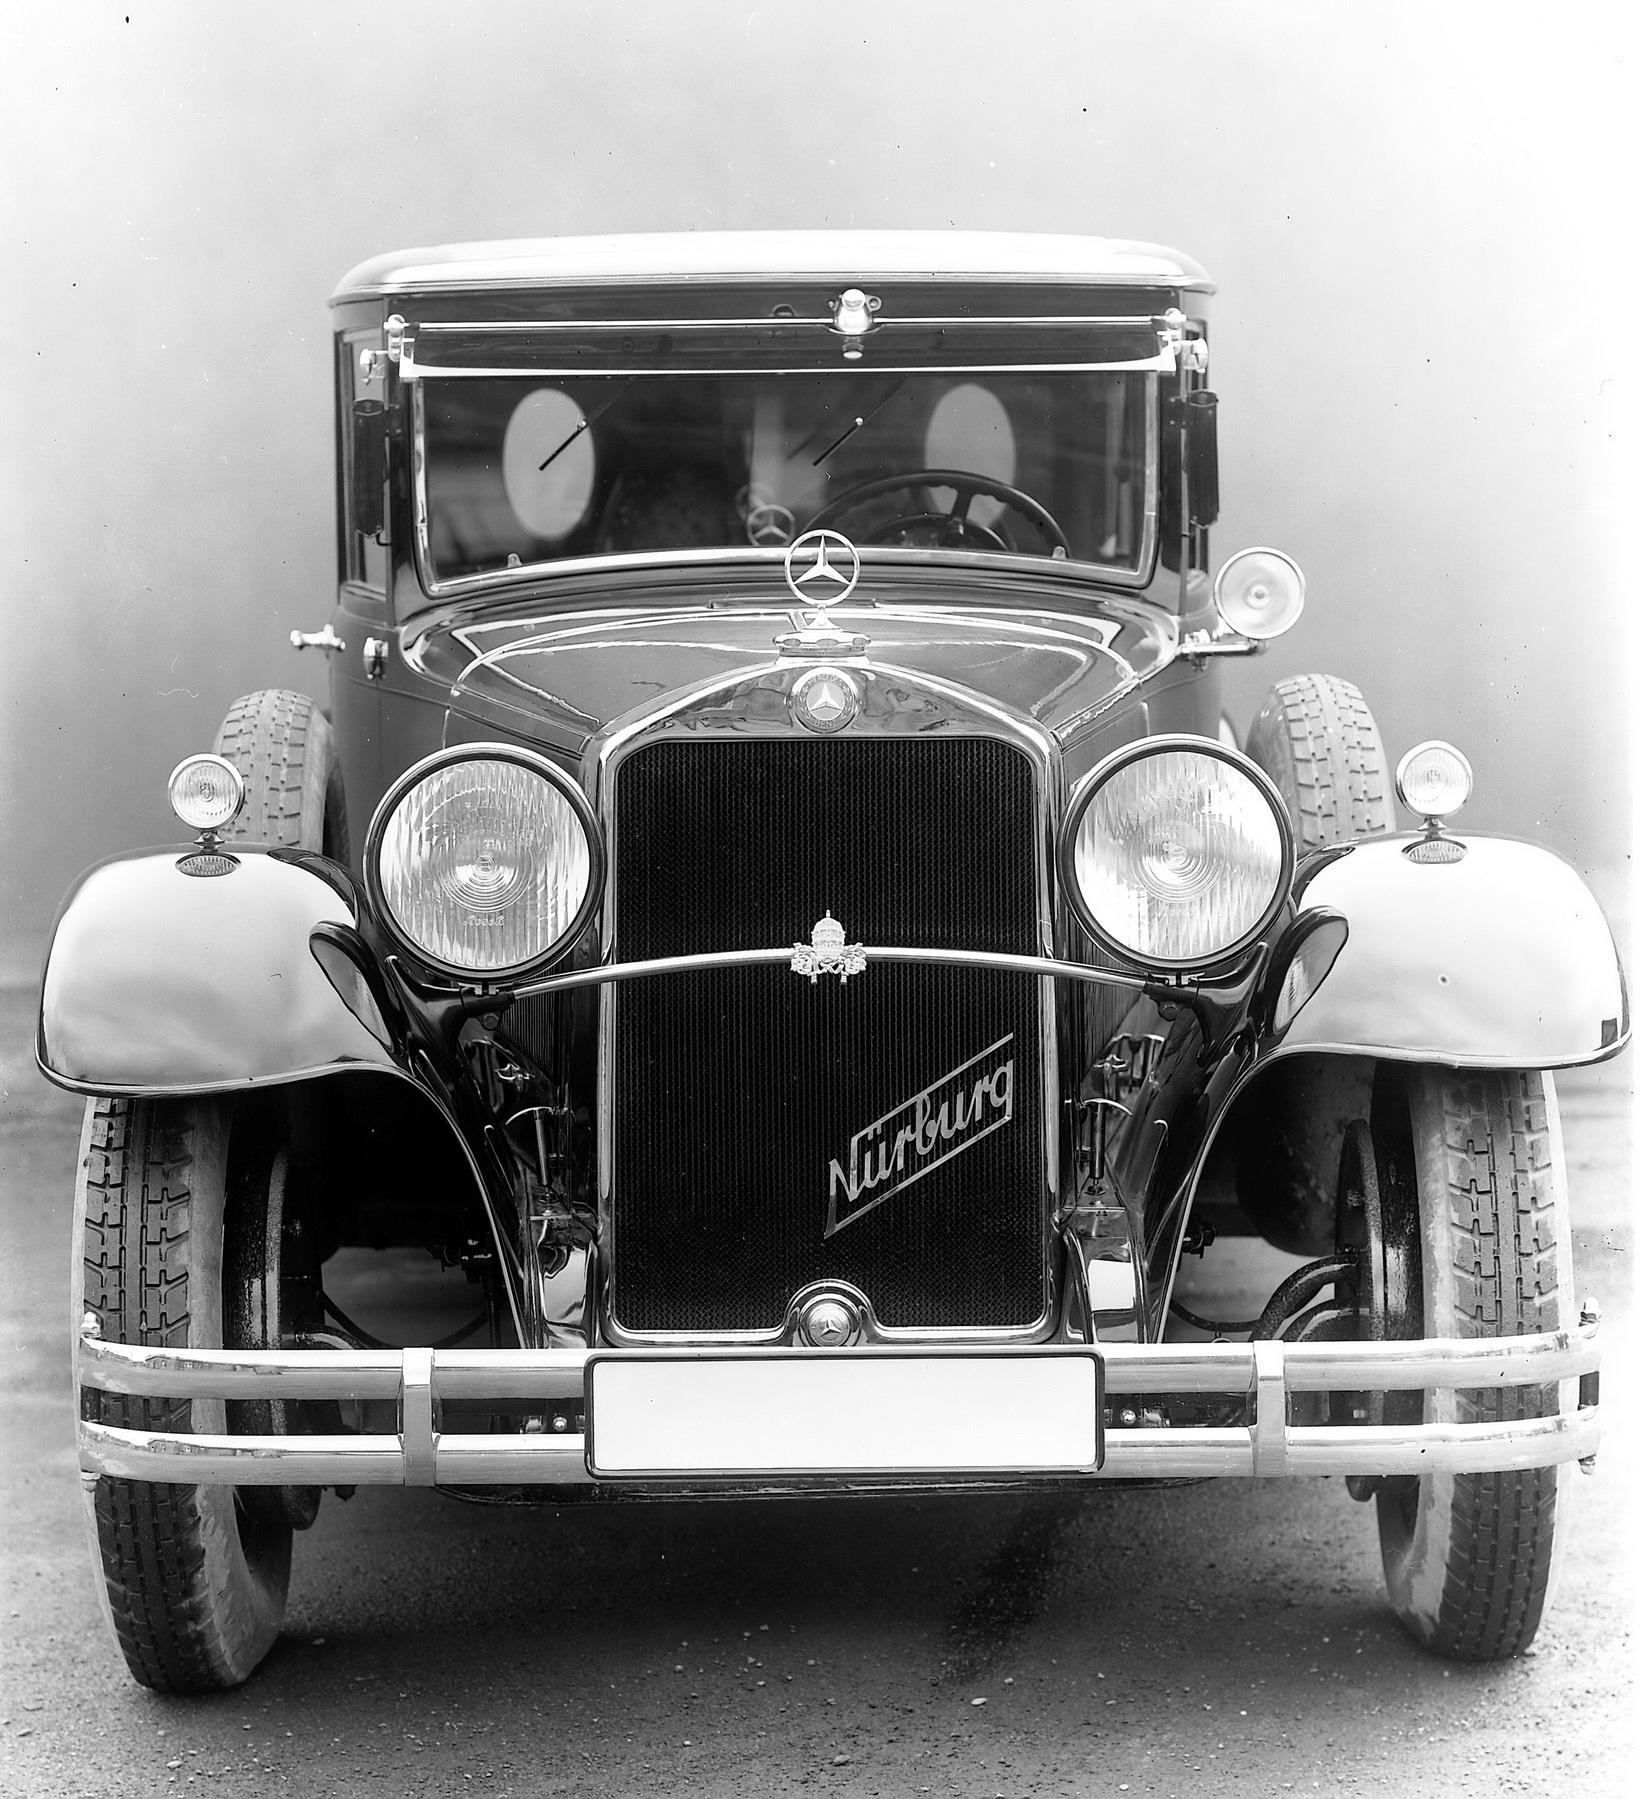 Nürburg 460 Pullman : primeiro carro construído pela Mercedes para Pio XI